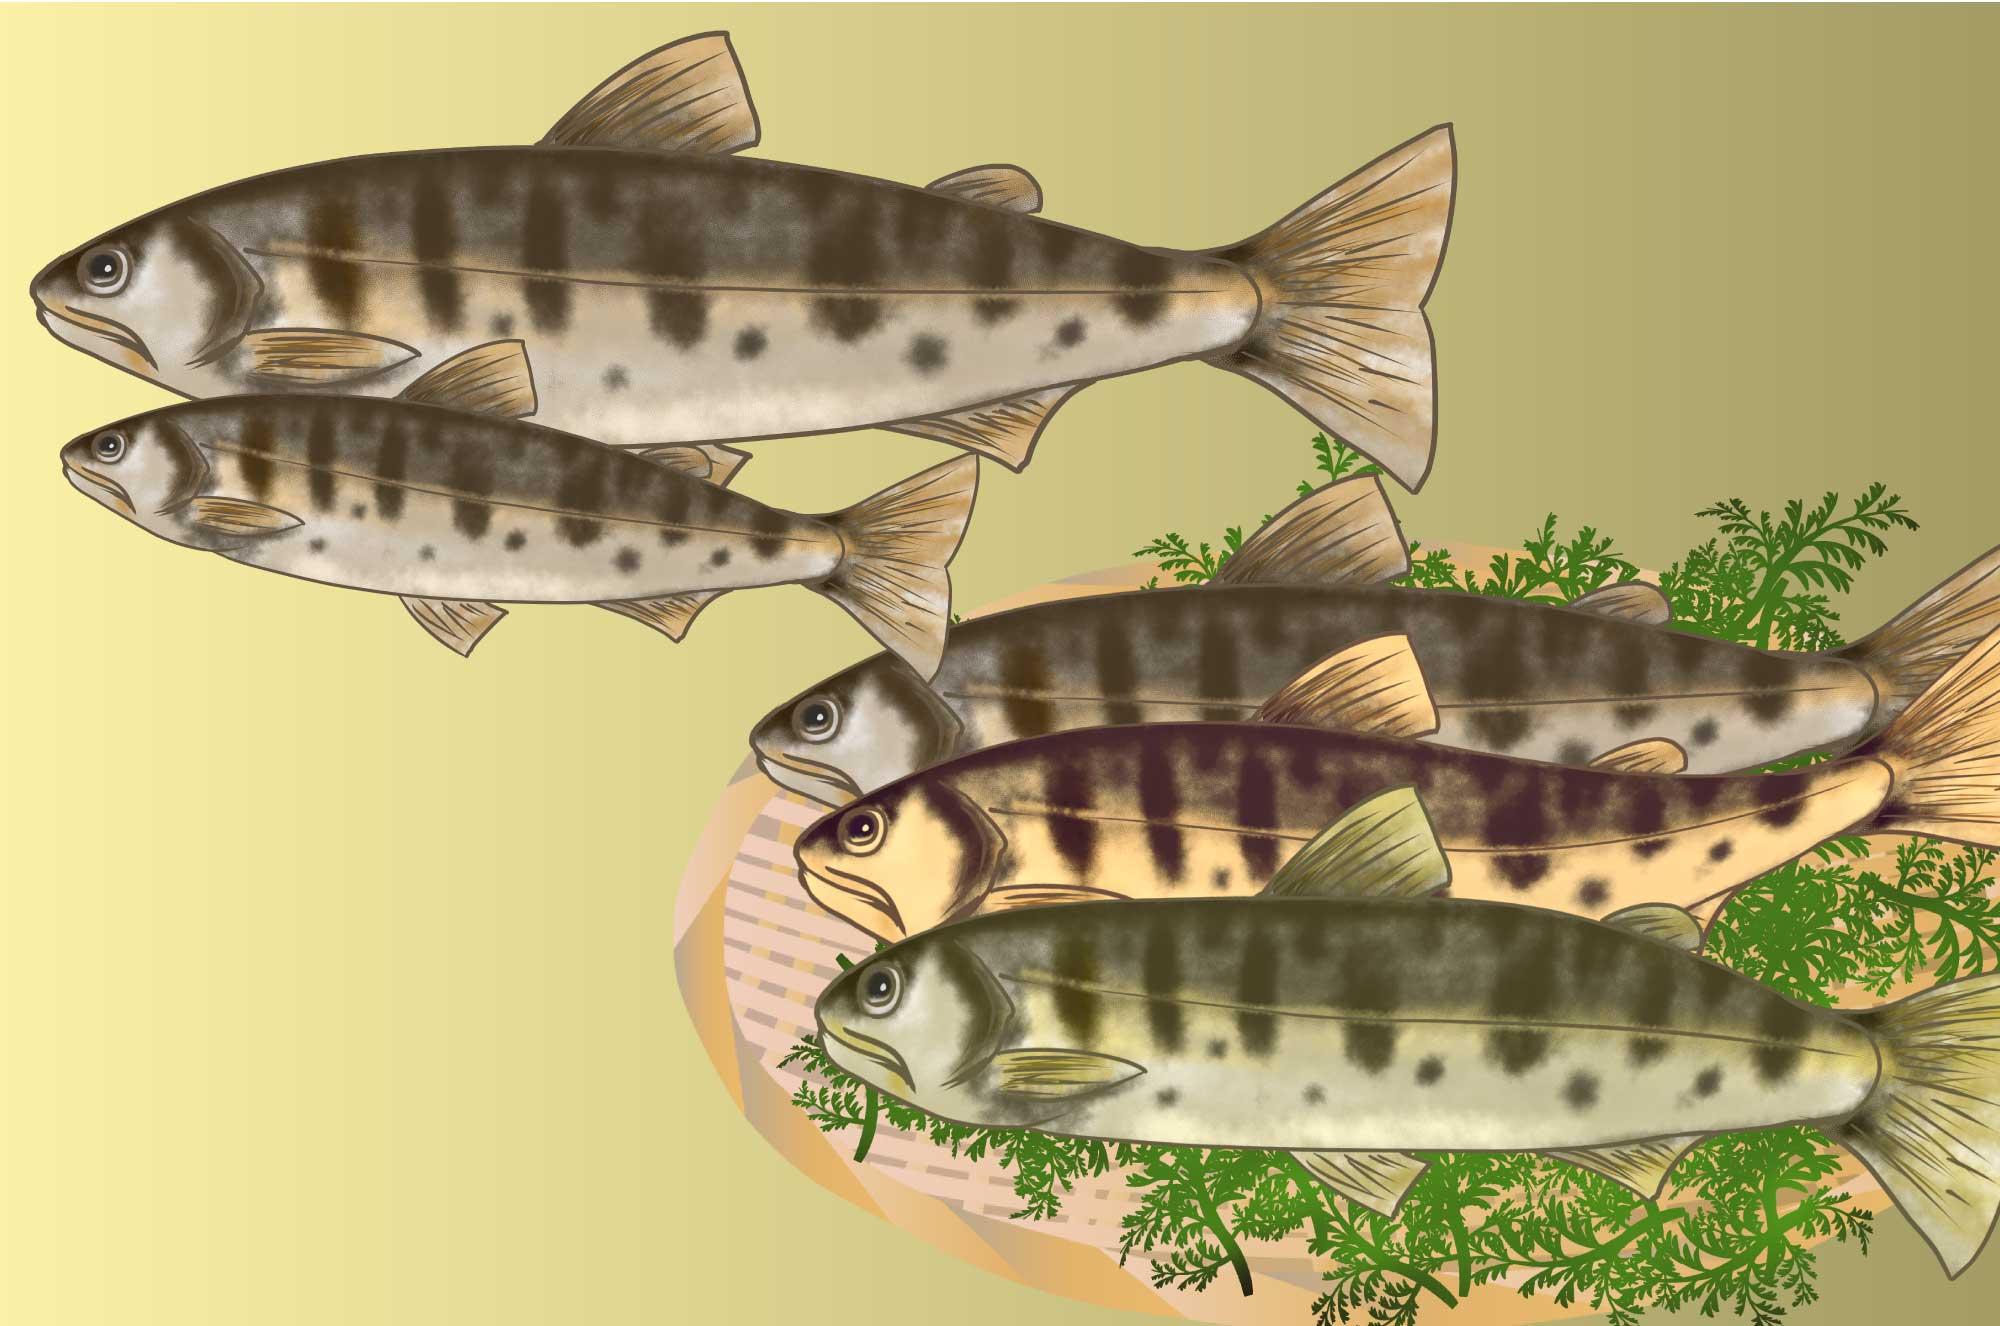 山女(ヤマメ)のイラスト - 手書きの淡水魚の無料素材